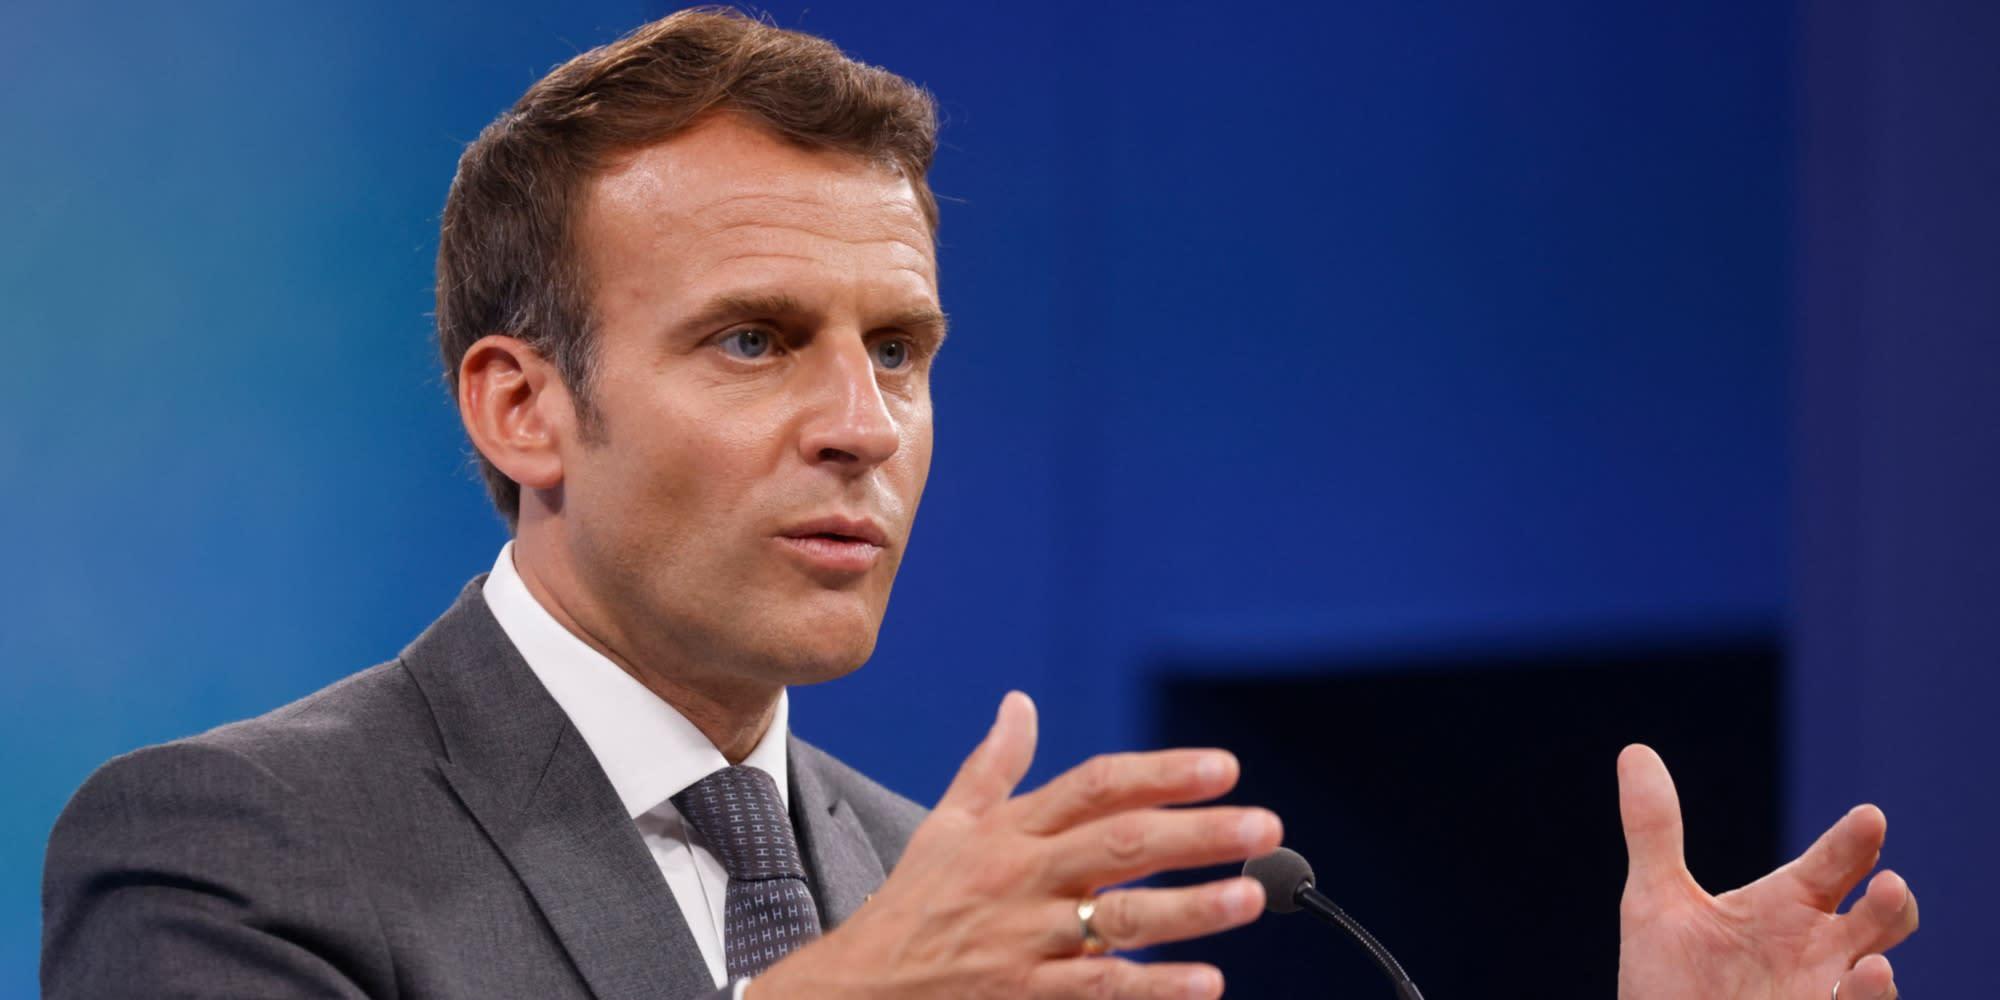 """Vaccin : en mode selfie sur Instagram et Tik Tok, Macron veut répondre """"aux fausses informations"""""""